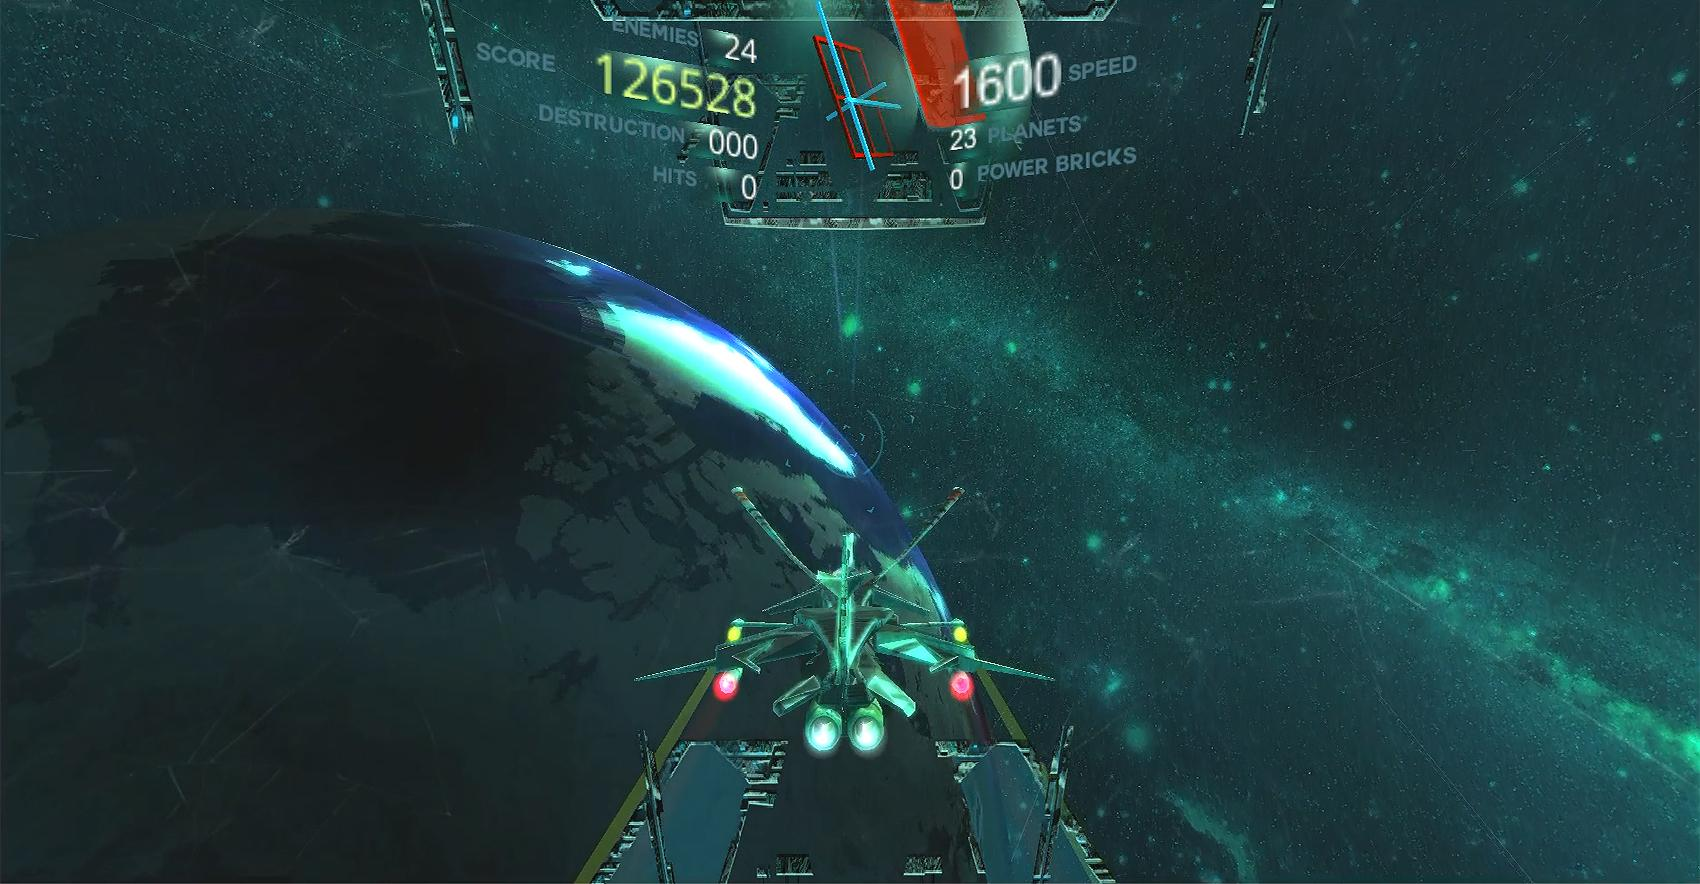 太空X猎人VR图1